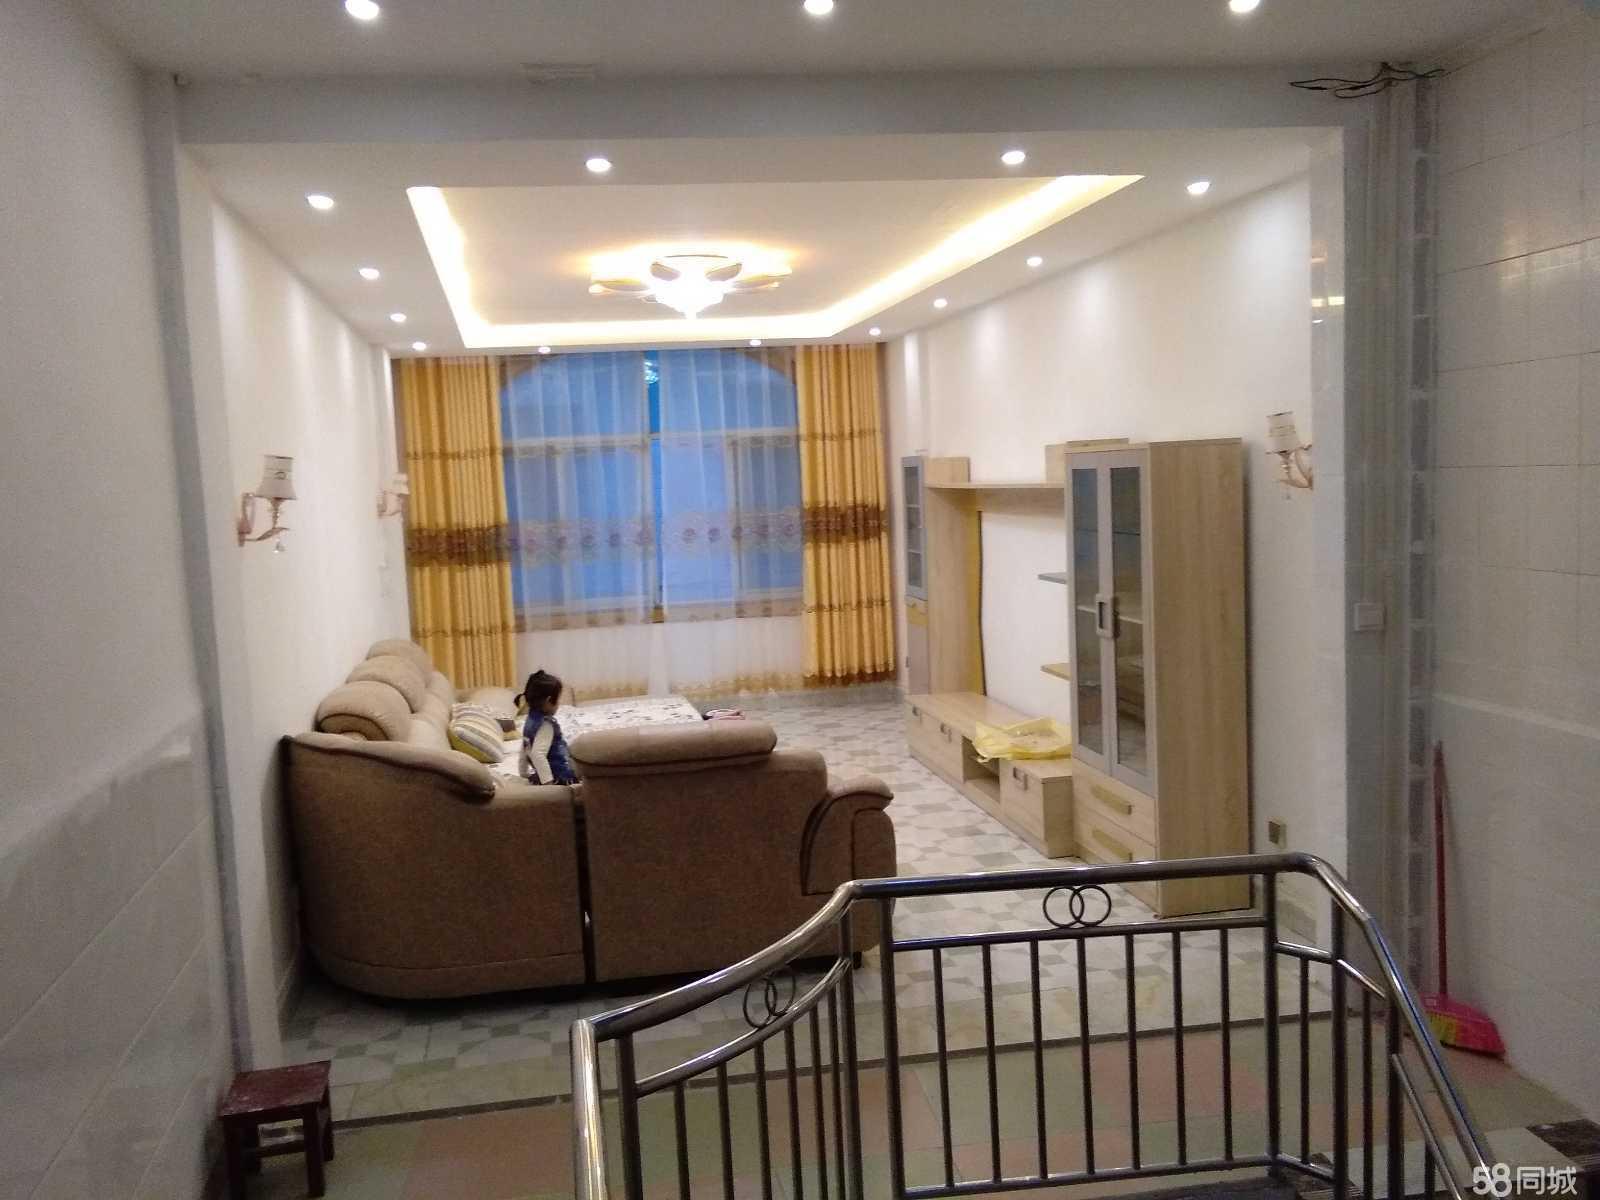 澳门拉斯维加斯网上官网县西洒镇迎祥街5室3厅3卫220平米